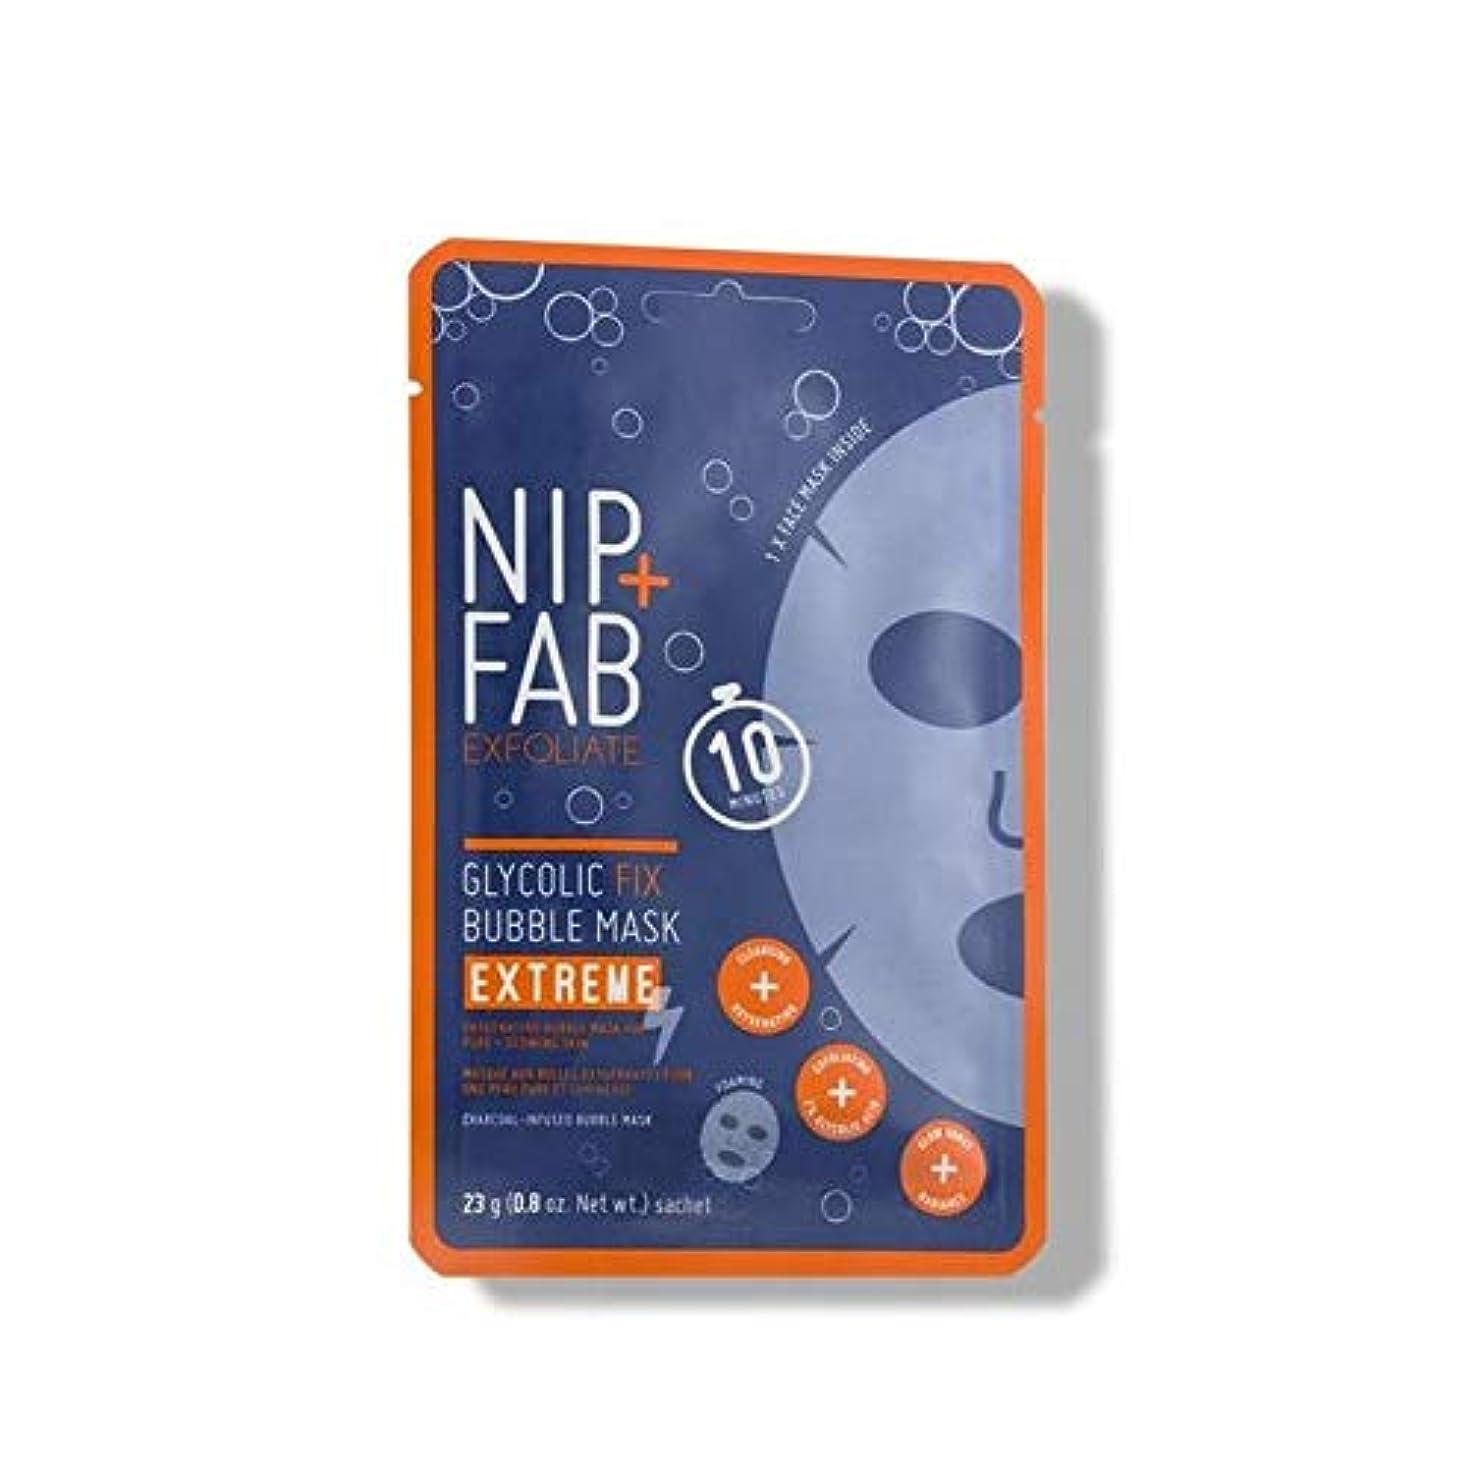 ハシーマティススイス人[Nip & Fab] + Fabグリコール修正極端なバブルフェイスマスクニップ - Nip+Fab Glycolic Fix Extreme Bubble Face Mask [並行輸入品]